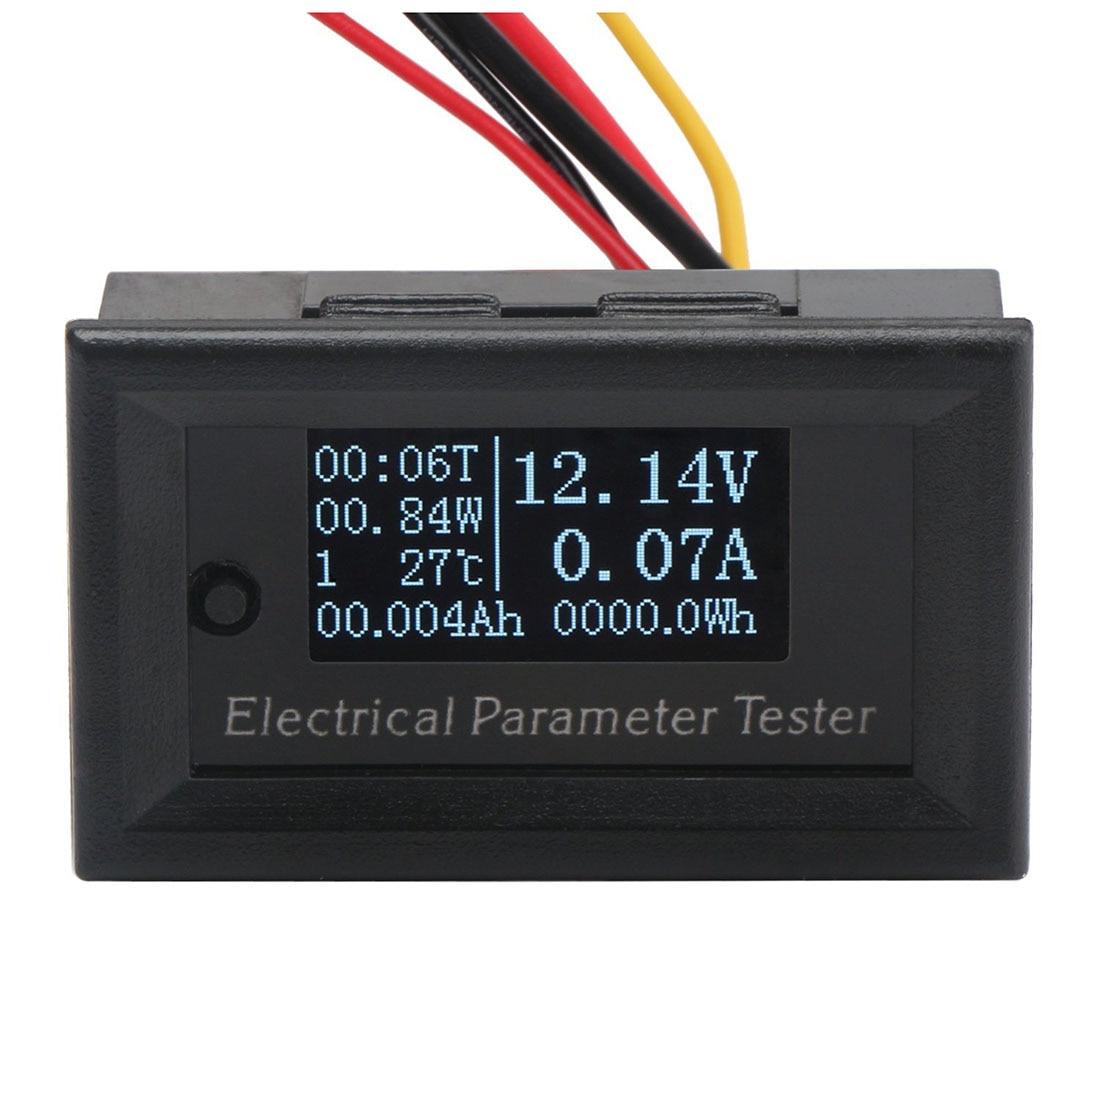 Практичный 7in1 OLED мультиметр Ампер Ёмкость Мощность энергии во время выполнения Температура <font><b>Meter</b></font> DC 33 В 10A Вольт Ампер Ватт метр 330 Вт